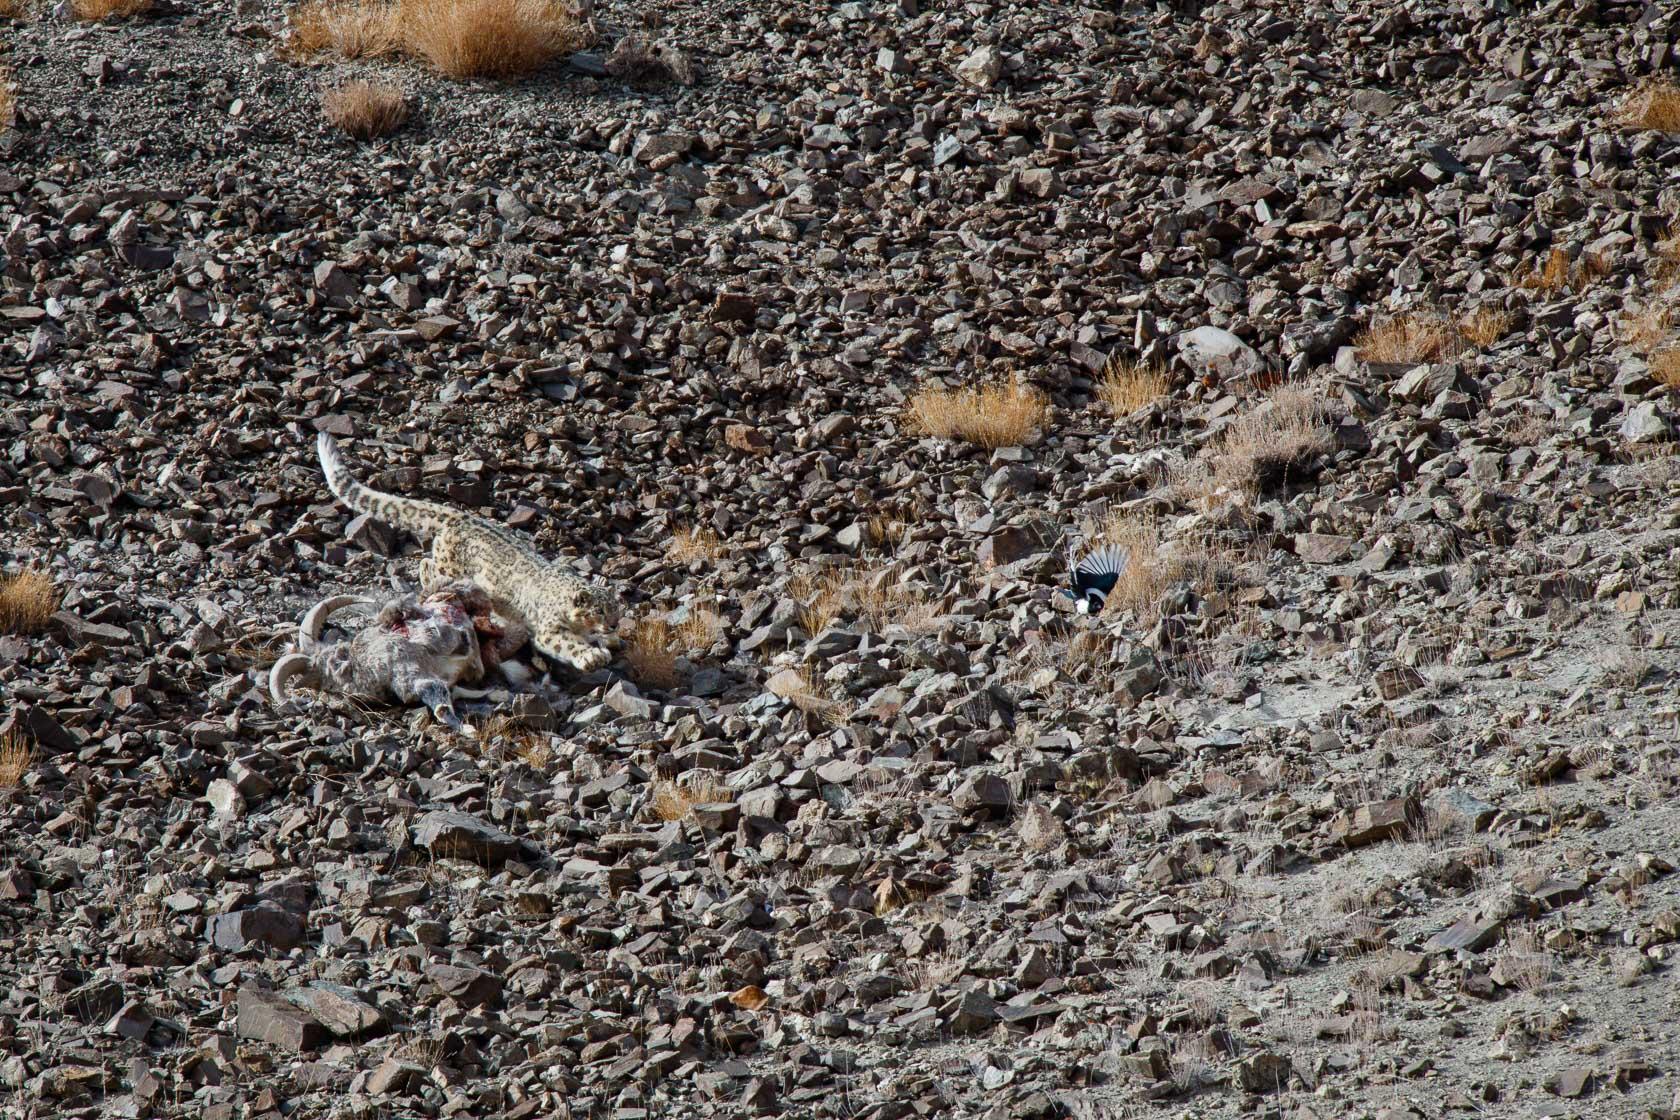 panthère des neiges (Panthera uncia) défendant sa proie, un bharal (Pseudois nayaur), au ladakh, en Inde